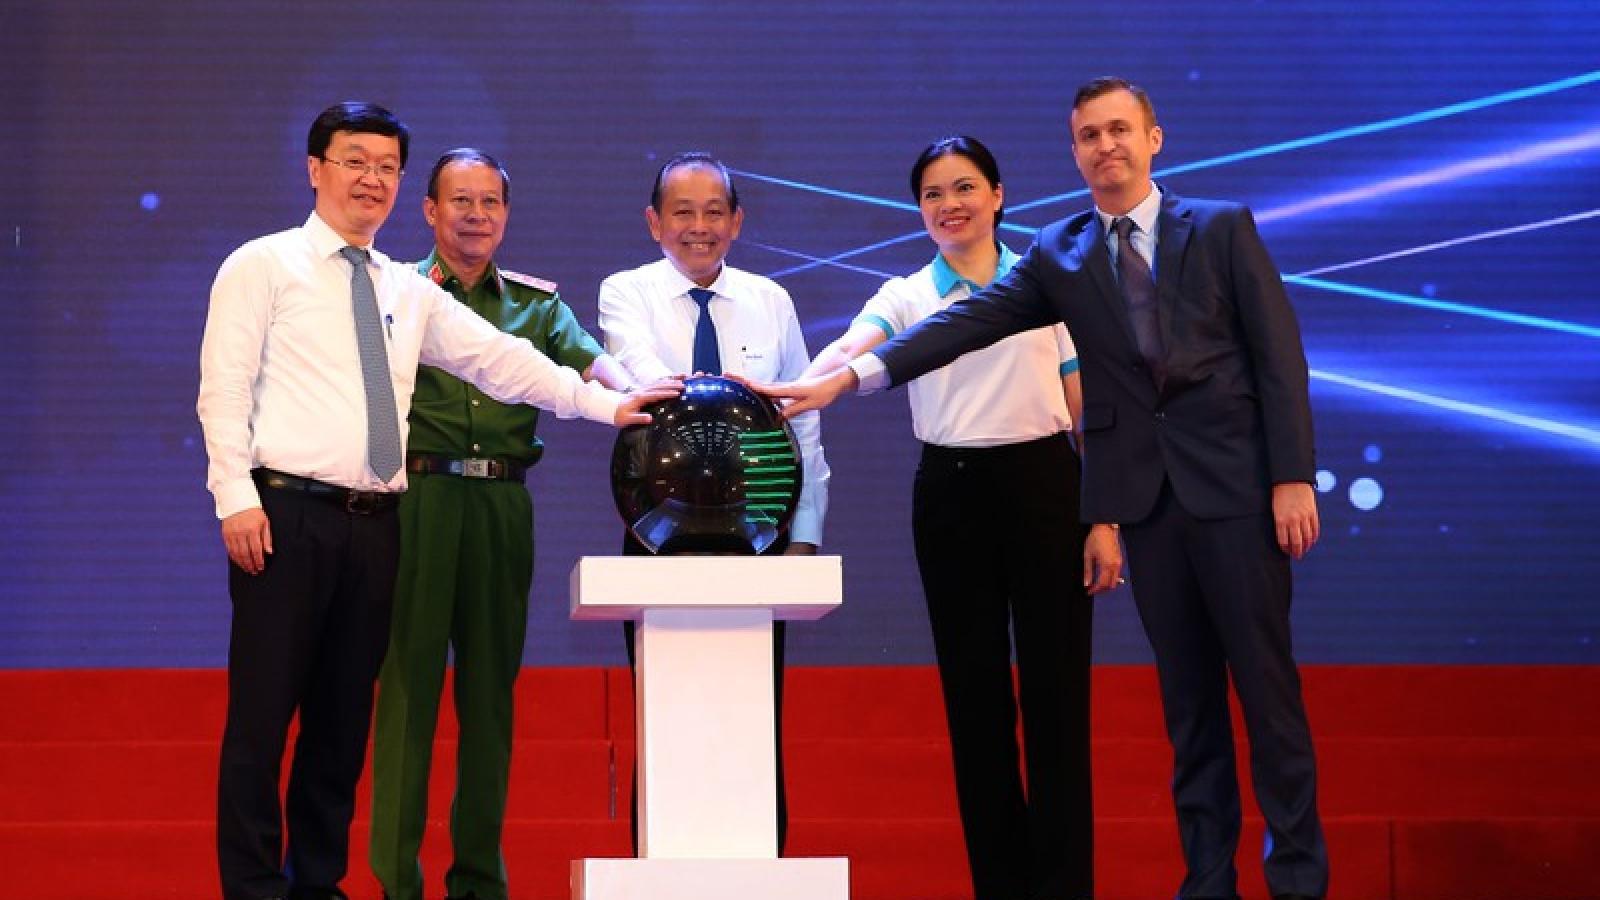 Việt Nam cam kết hết mình trong cuộc chiến với tội phạm mua bán người